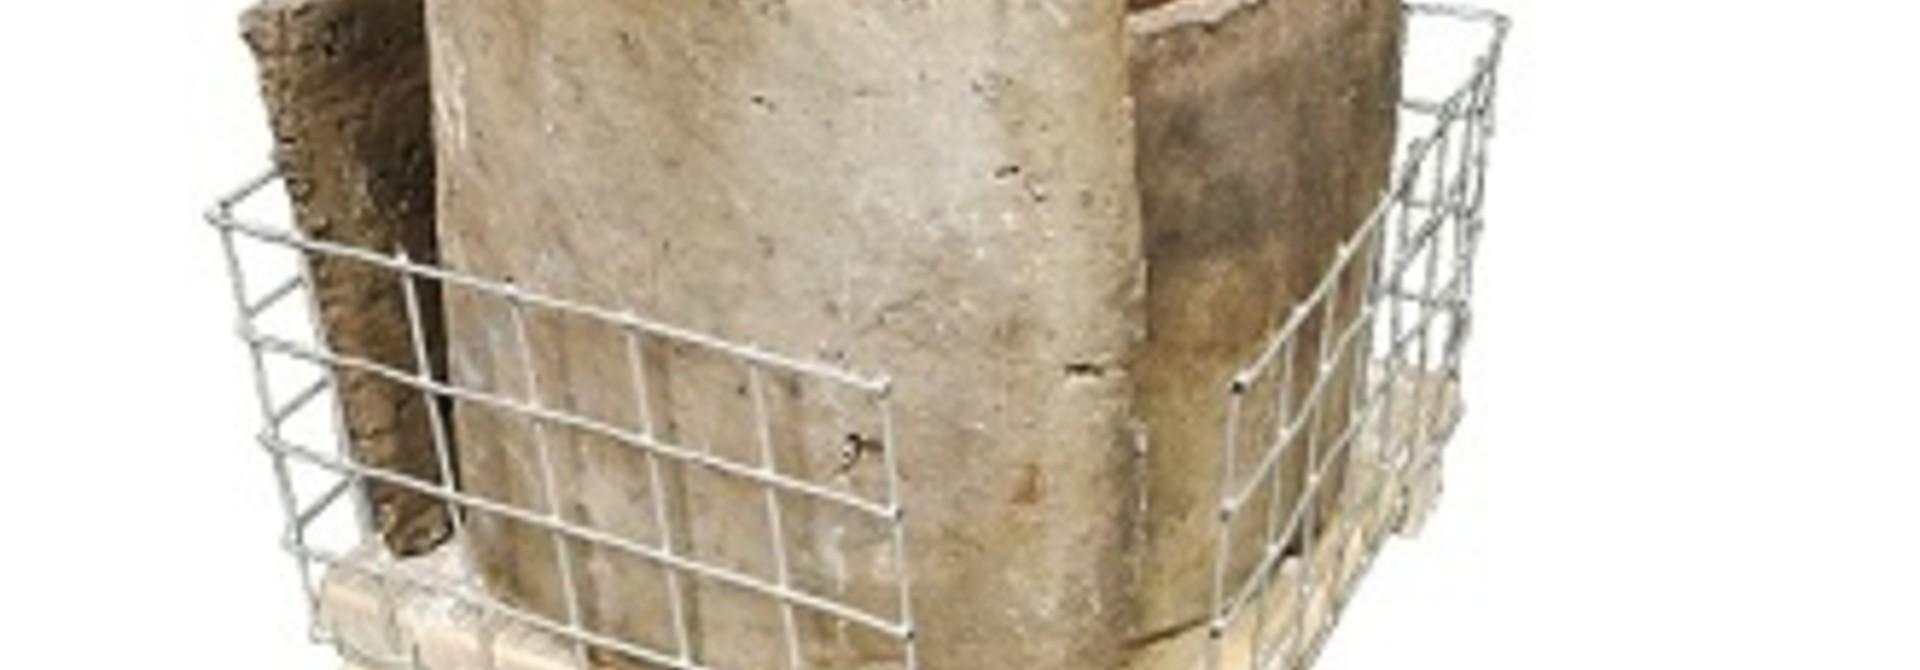 pot old dutch DIY wire RT